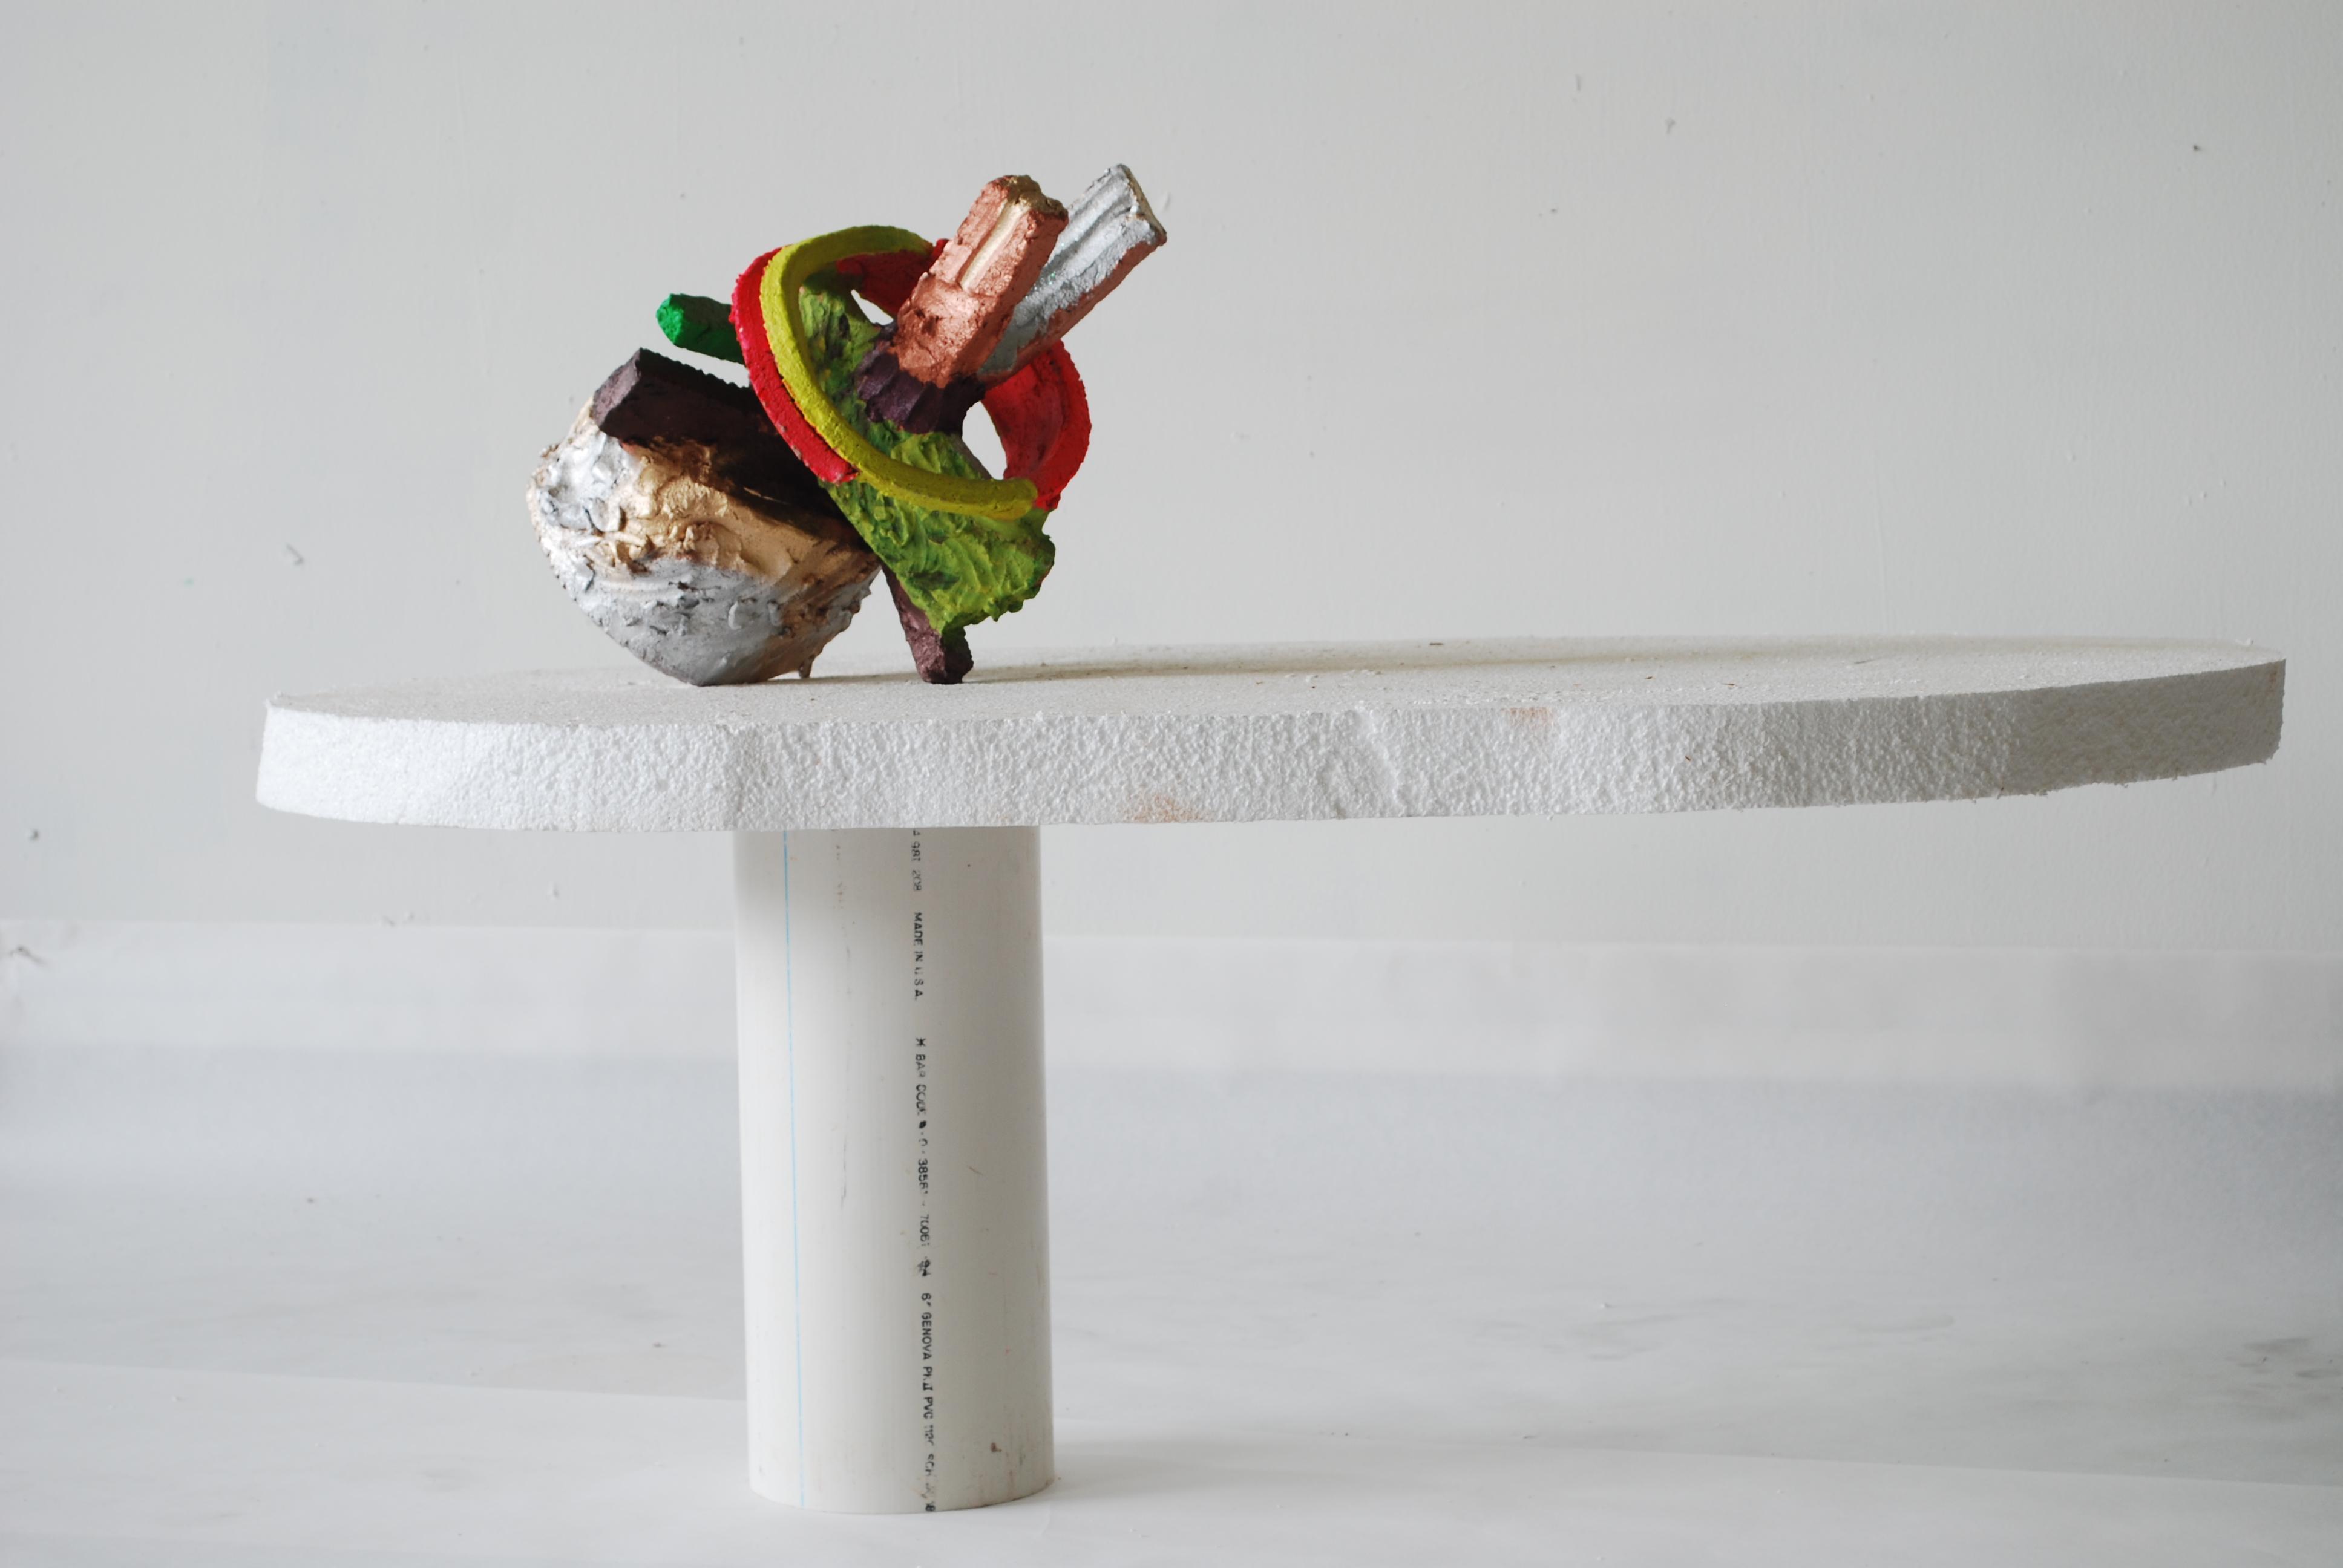 Styrofoam Cline: 2010